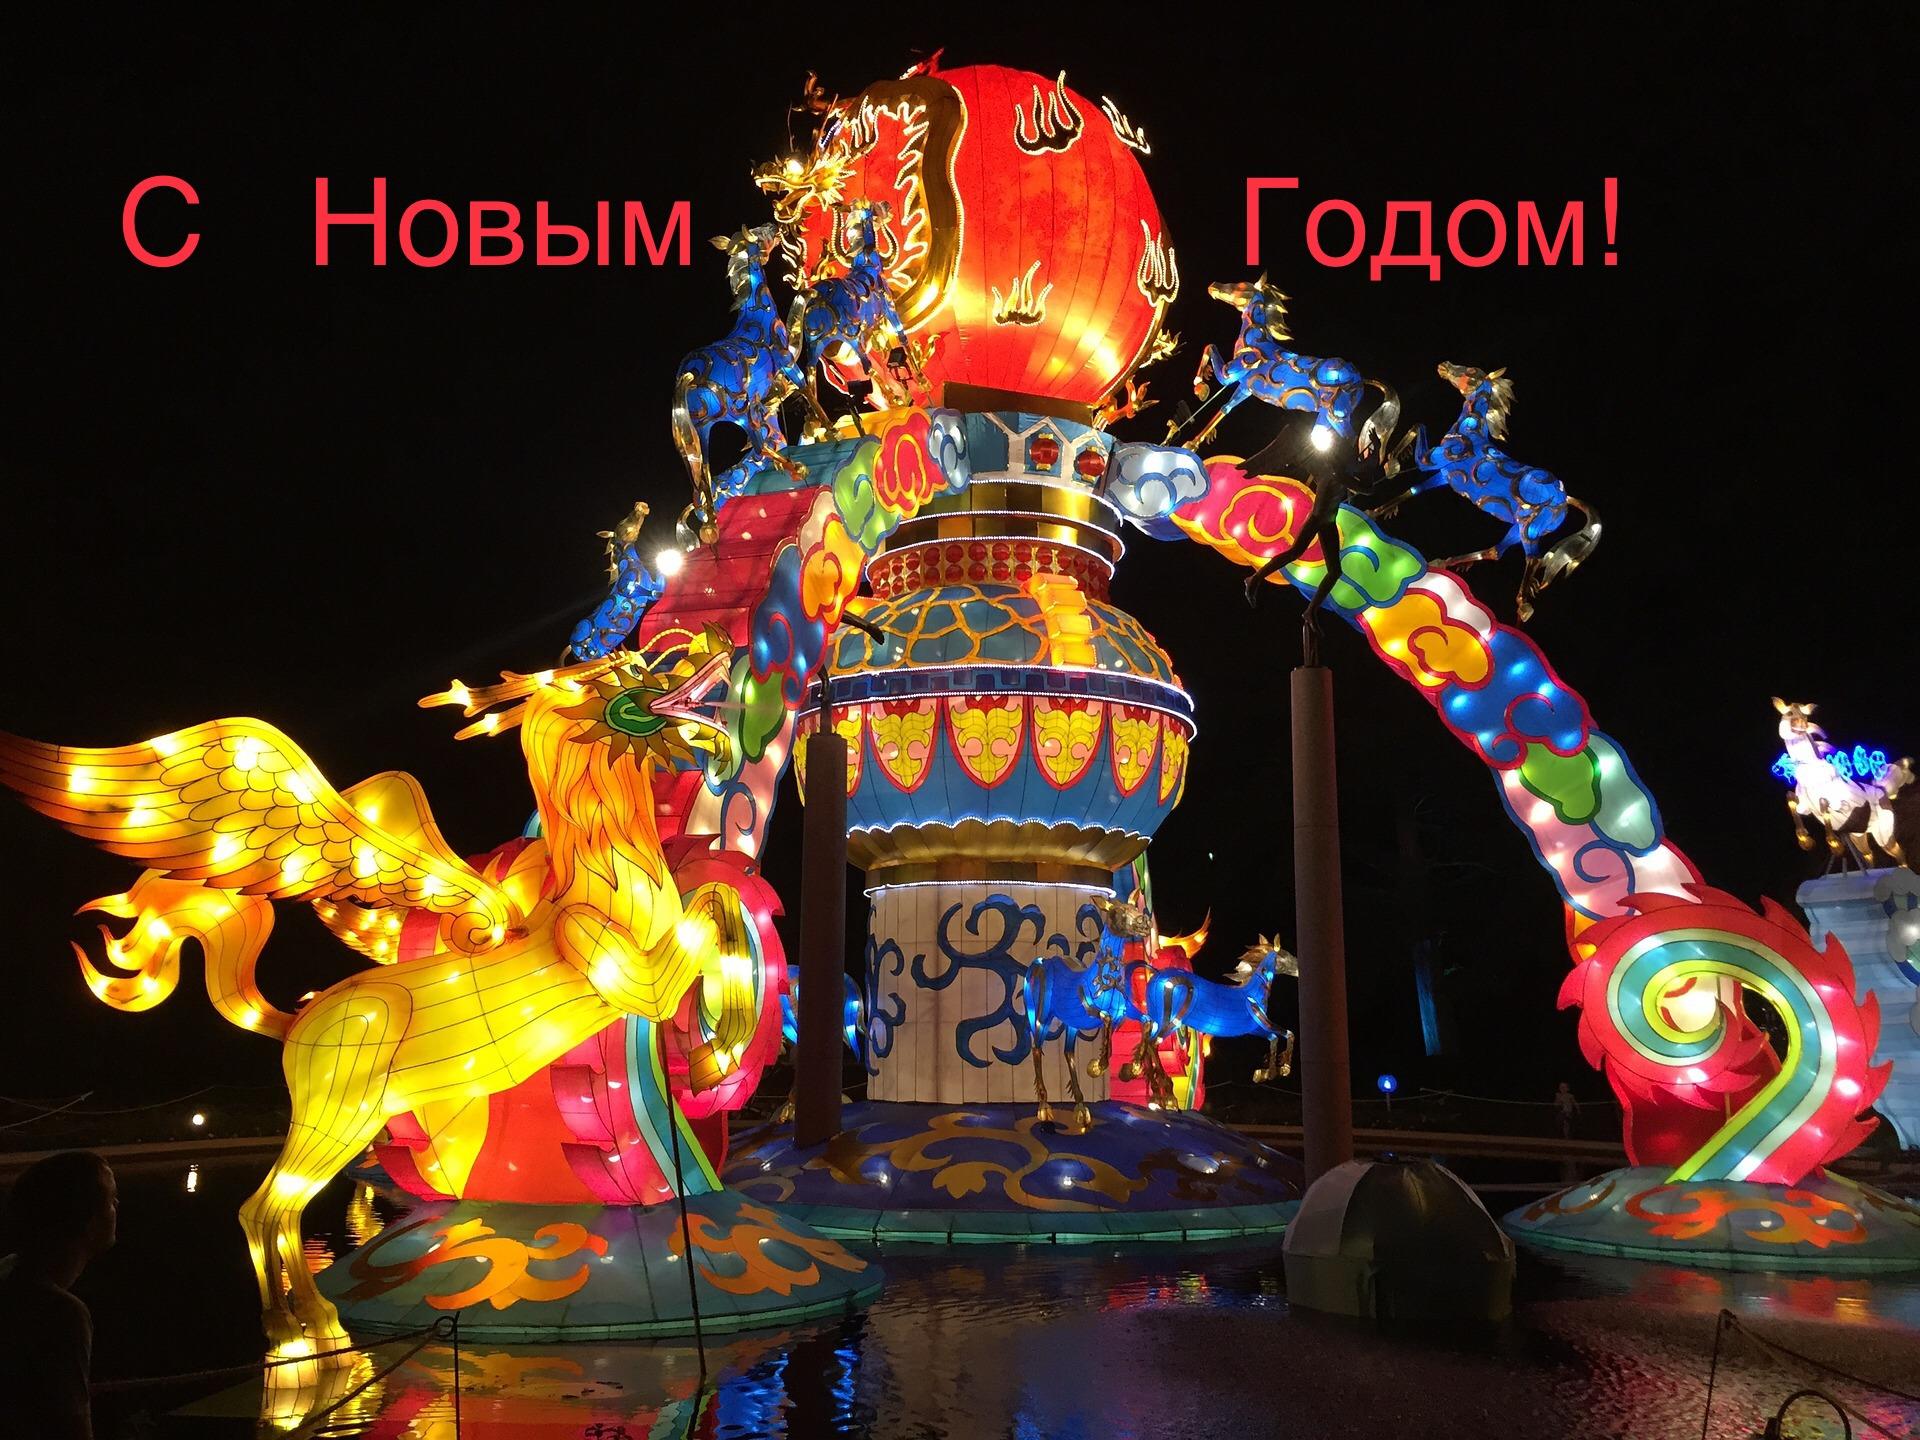 Новый год по лунному календарю - Fengshuimaster.ru